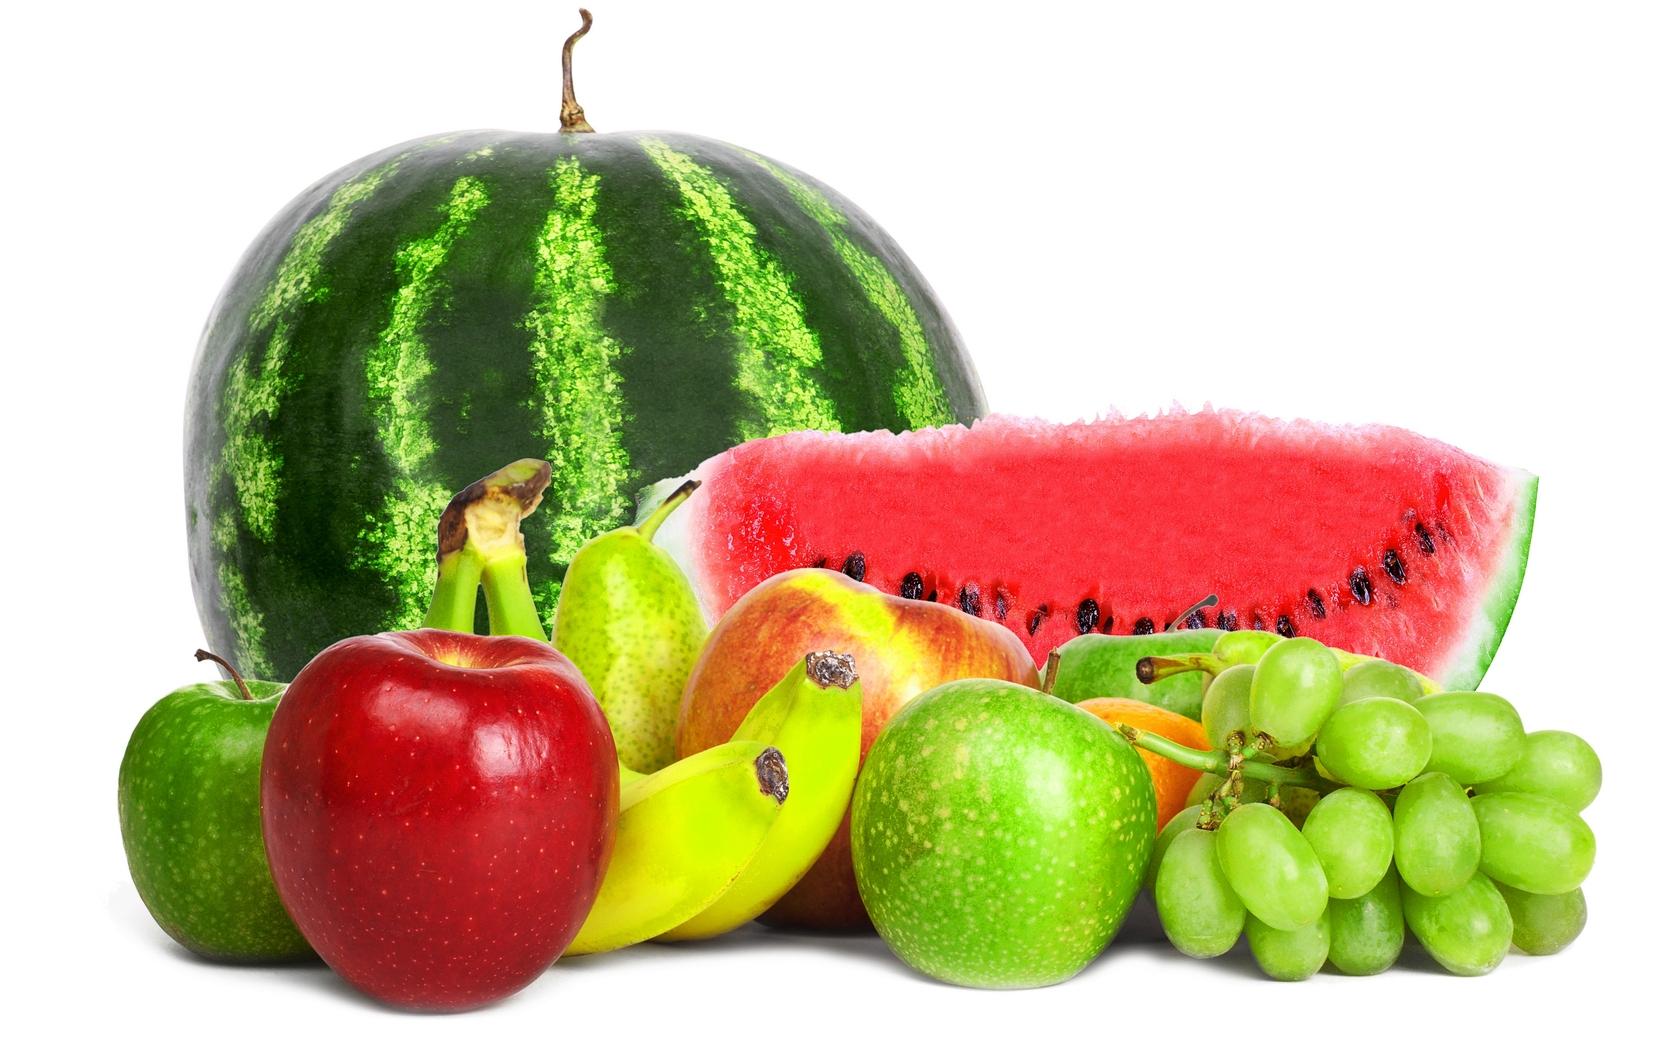 арбуз и фрукты, скачать фото, обои для рабочего стола